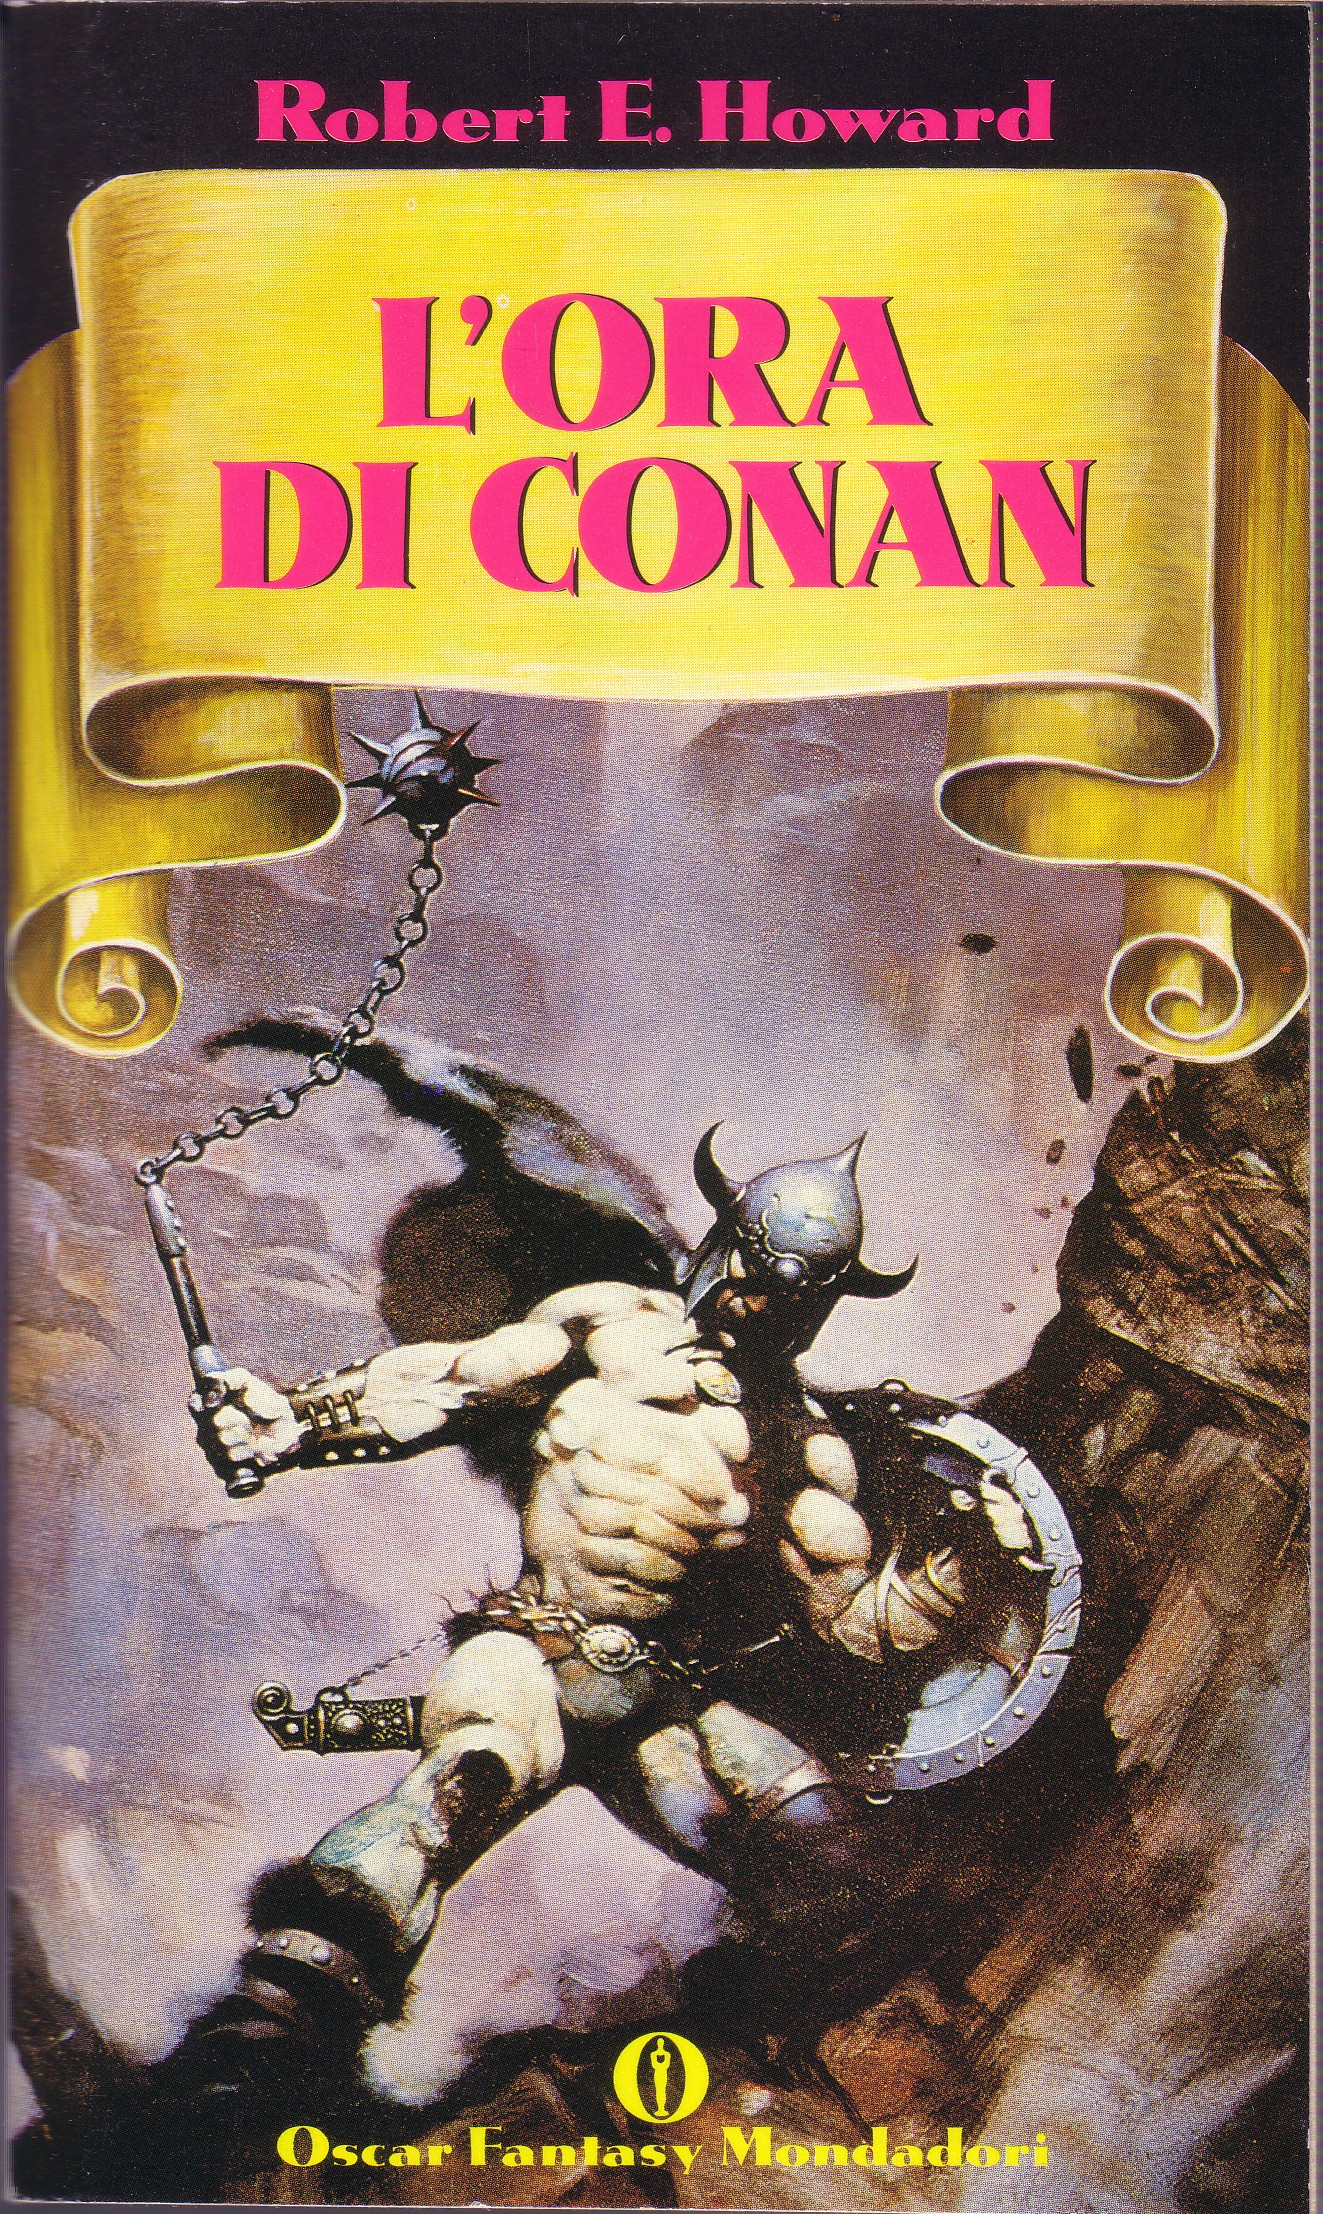 L'ora di Conan